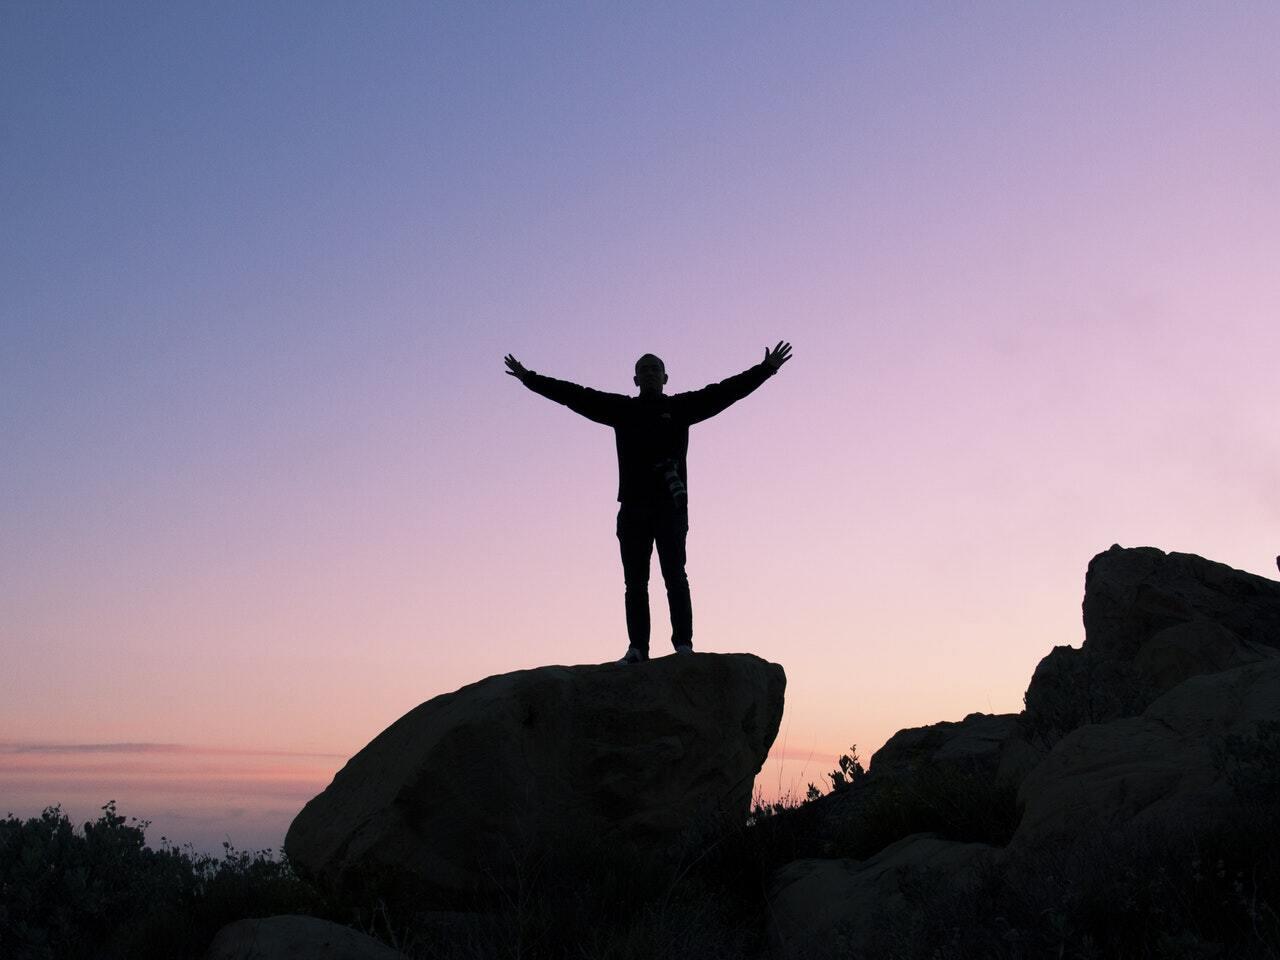 ۹ عامل موفقیت برای رشد شخصی: حرکت به جلو برای رسیدن به بهترین زندگی